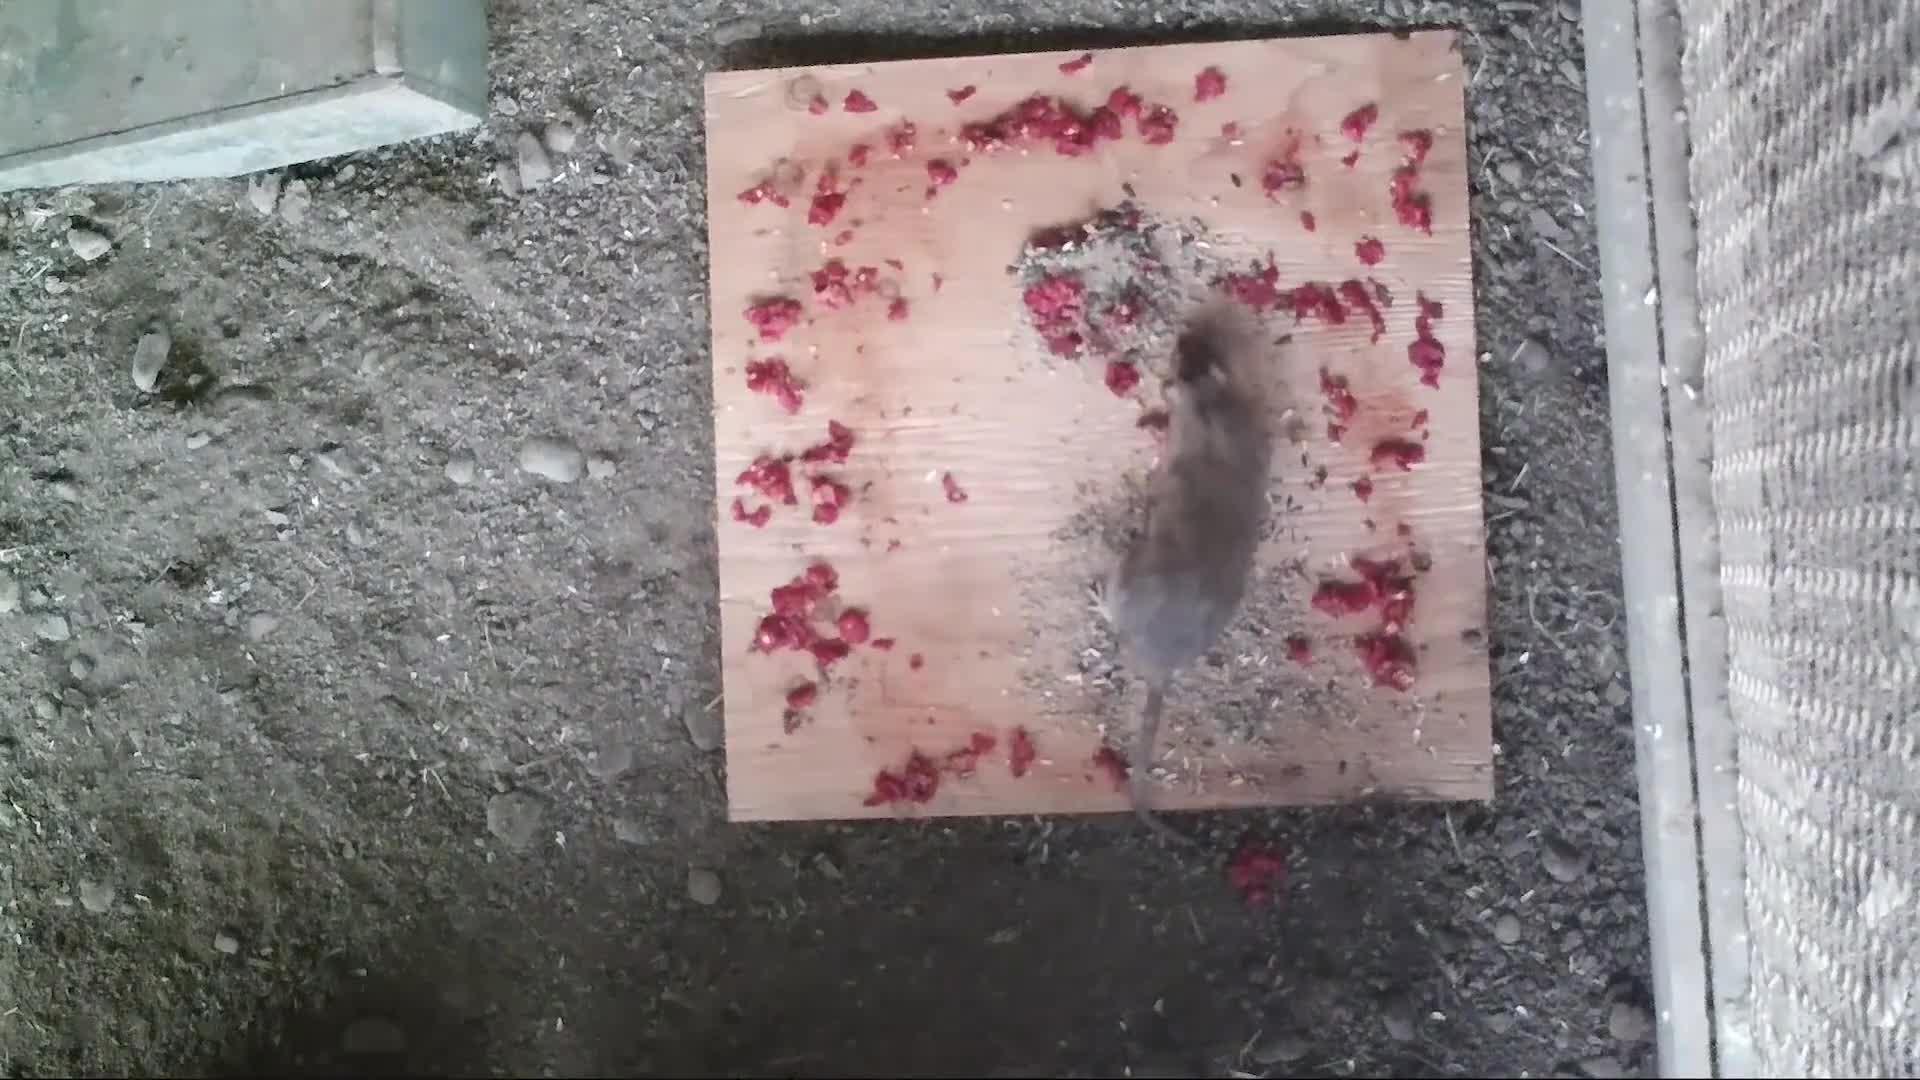 让你们看看什么叫鼠患成灾,挖掘机过来的那一刻,才知多可怕